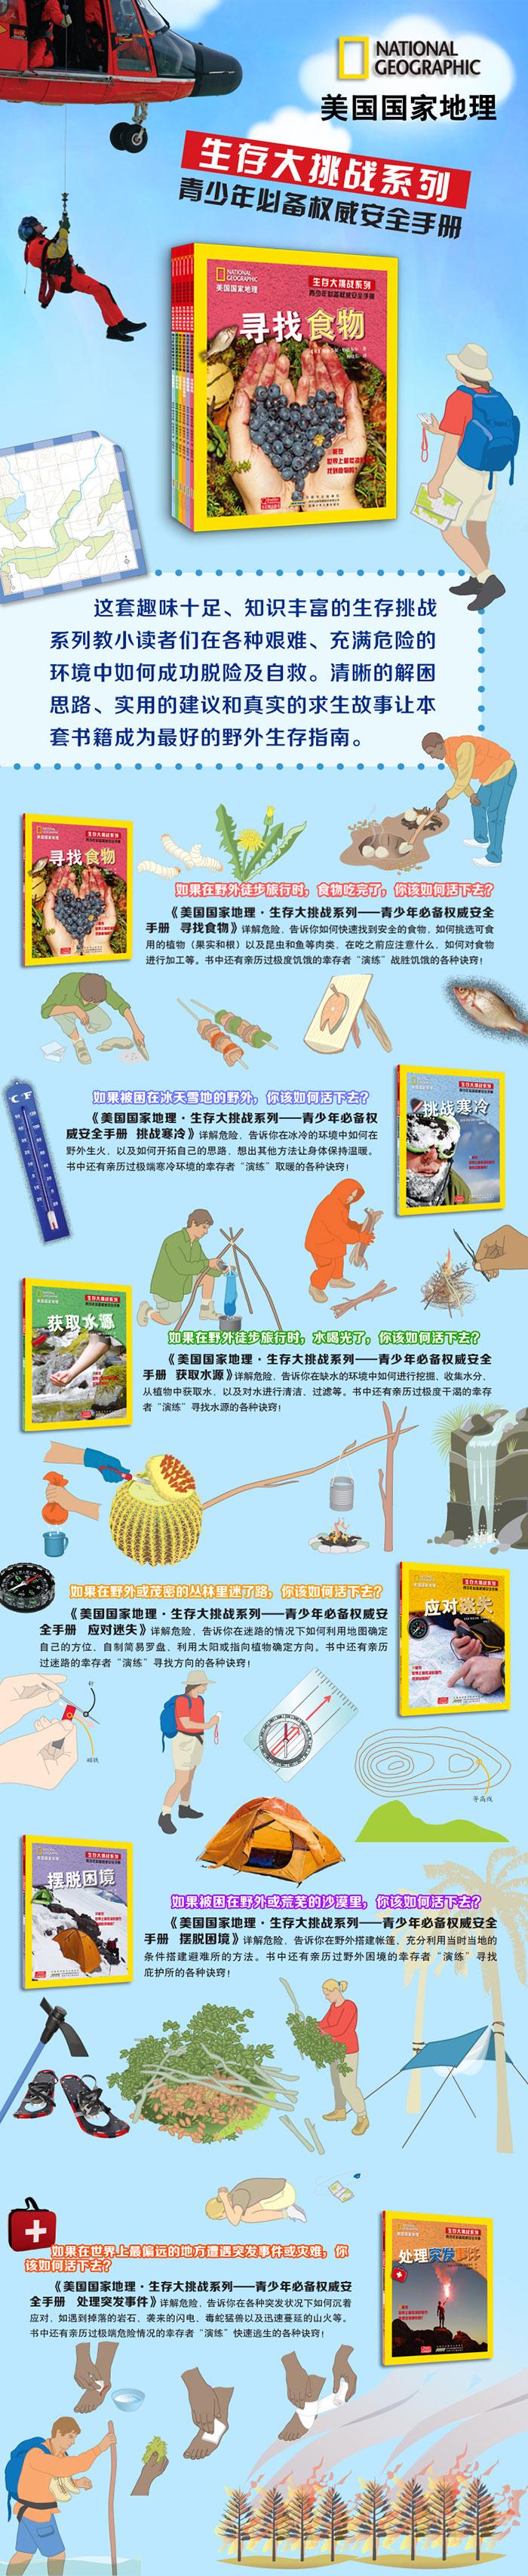 生存大挑战--海报-2015.5.18